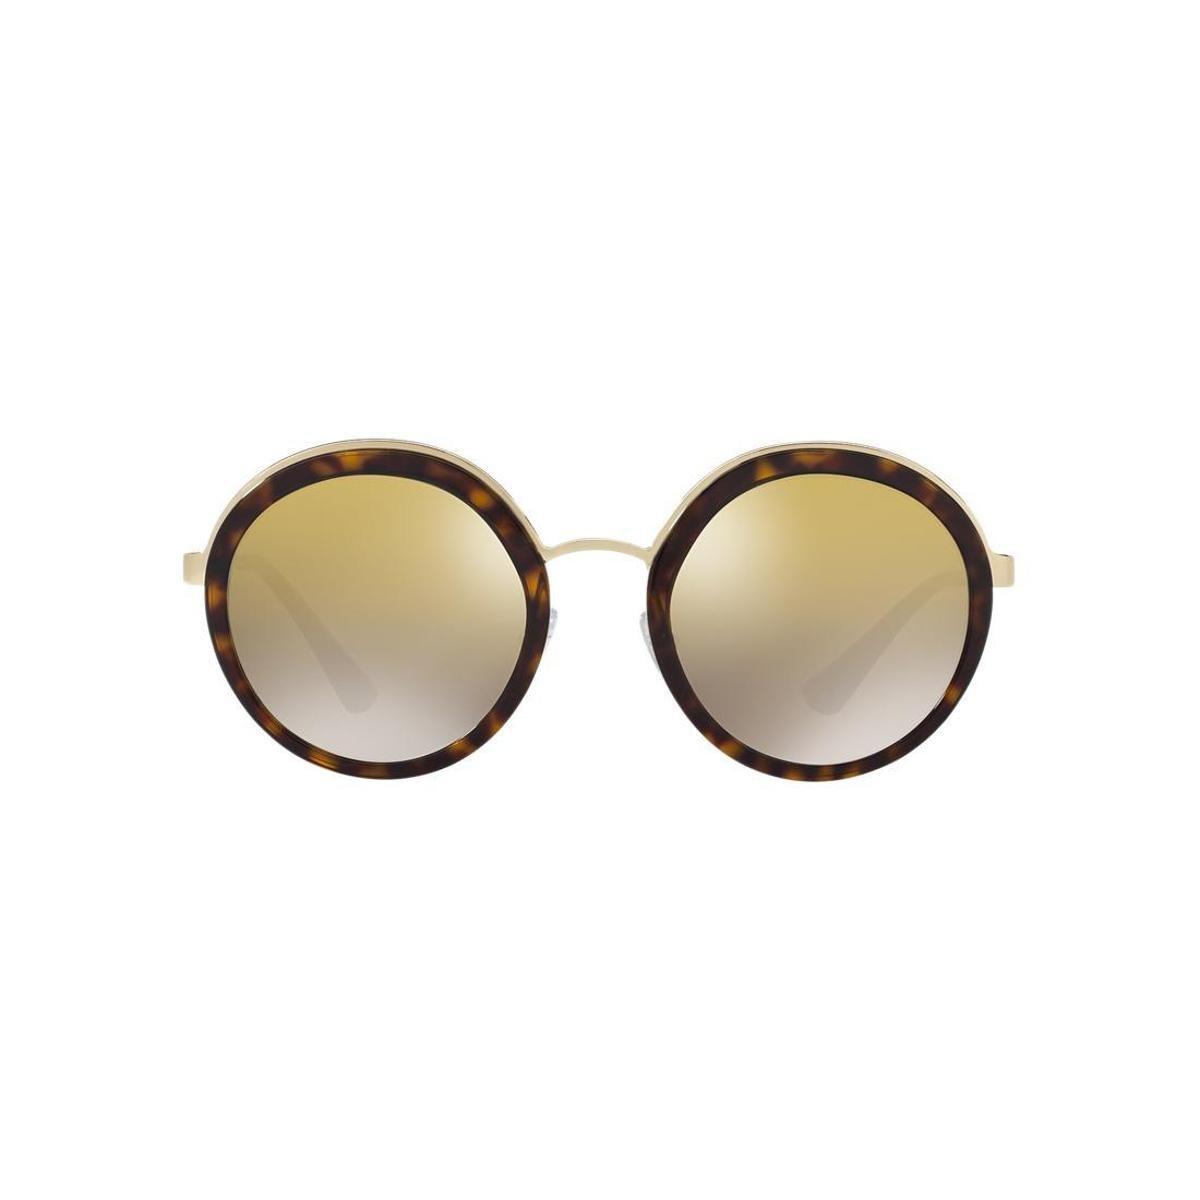 400cd020201 Óculos de Sol Prada Redondo PR 50TS Feminino - Compre Agora  Netshoes ... 8ecde04d7c